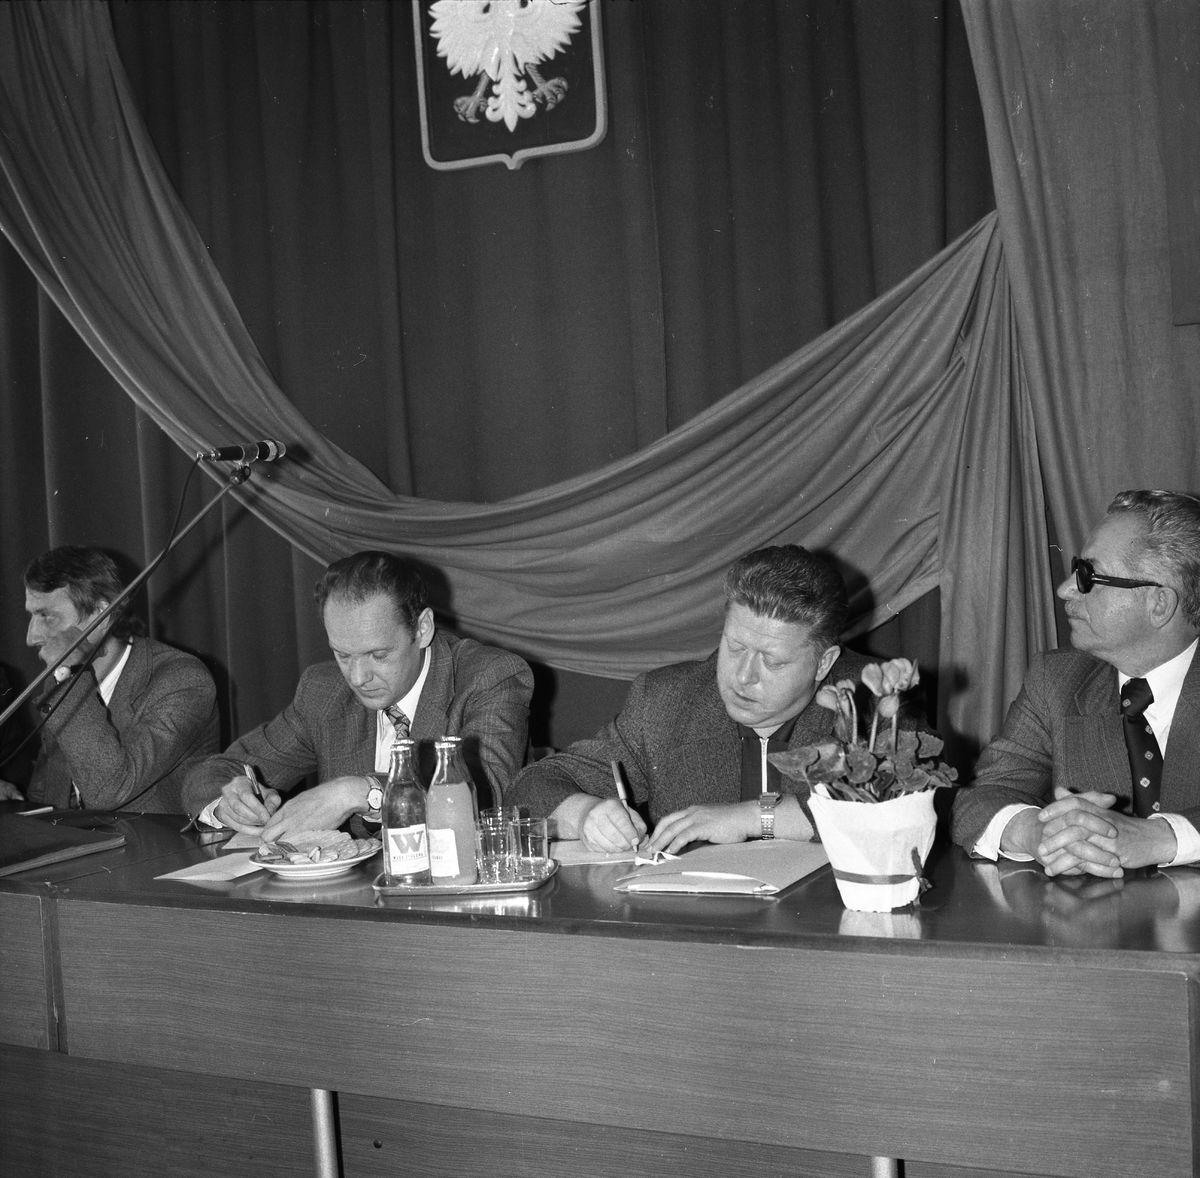 Wizyta konsula ZSRR w siedzibie KM PZPR [7]